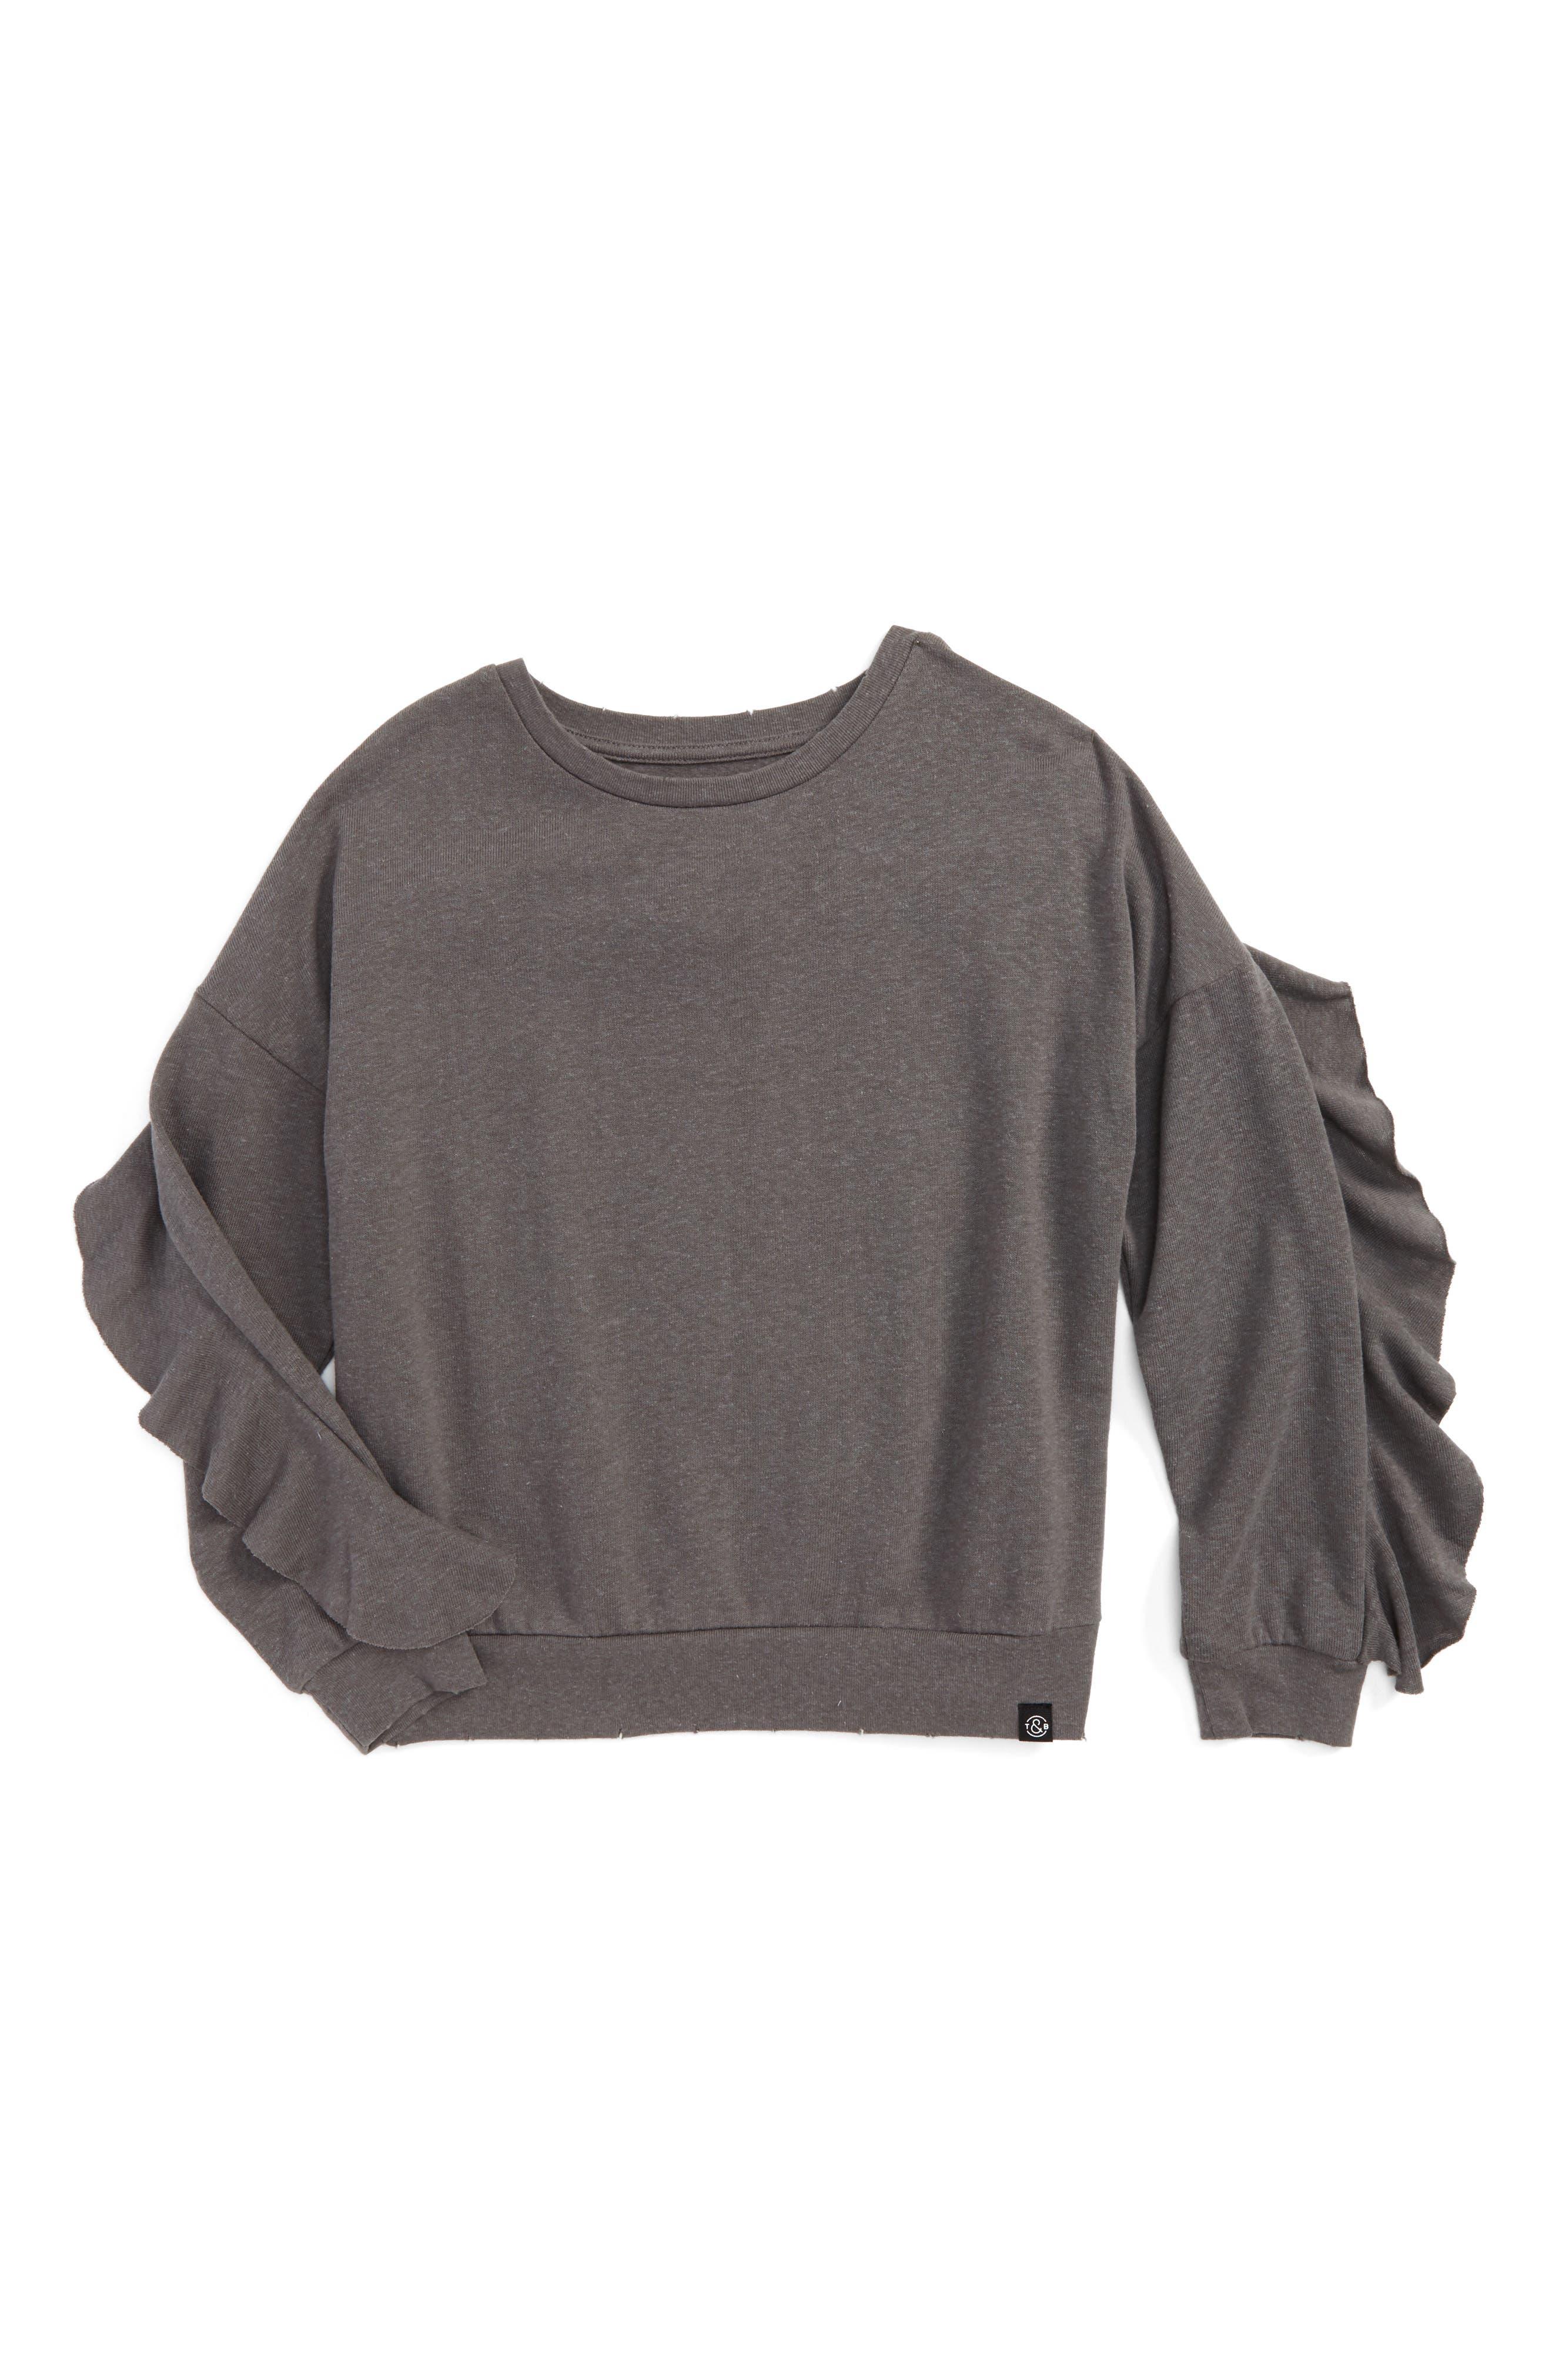 Main Image - Treasure & Bond Ruffle Sweatshirt (Big Girls)